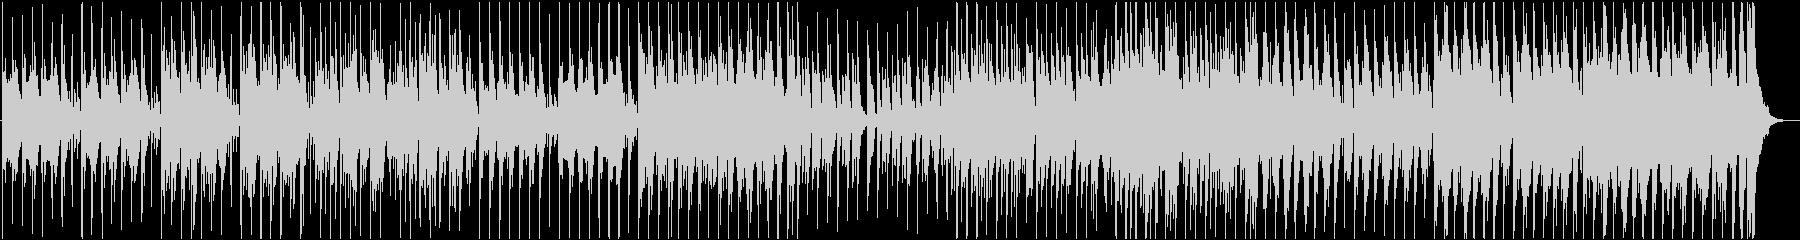 コミカルなマリンバ/ほのぼの/劇伴の未再生の波形